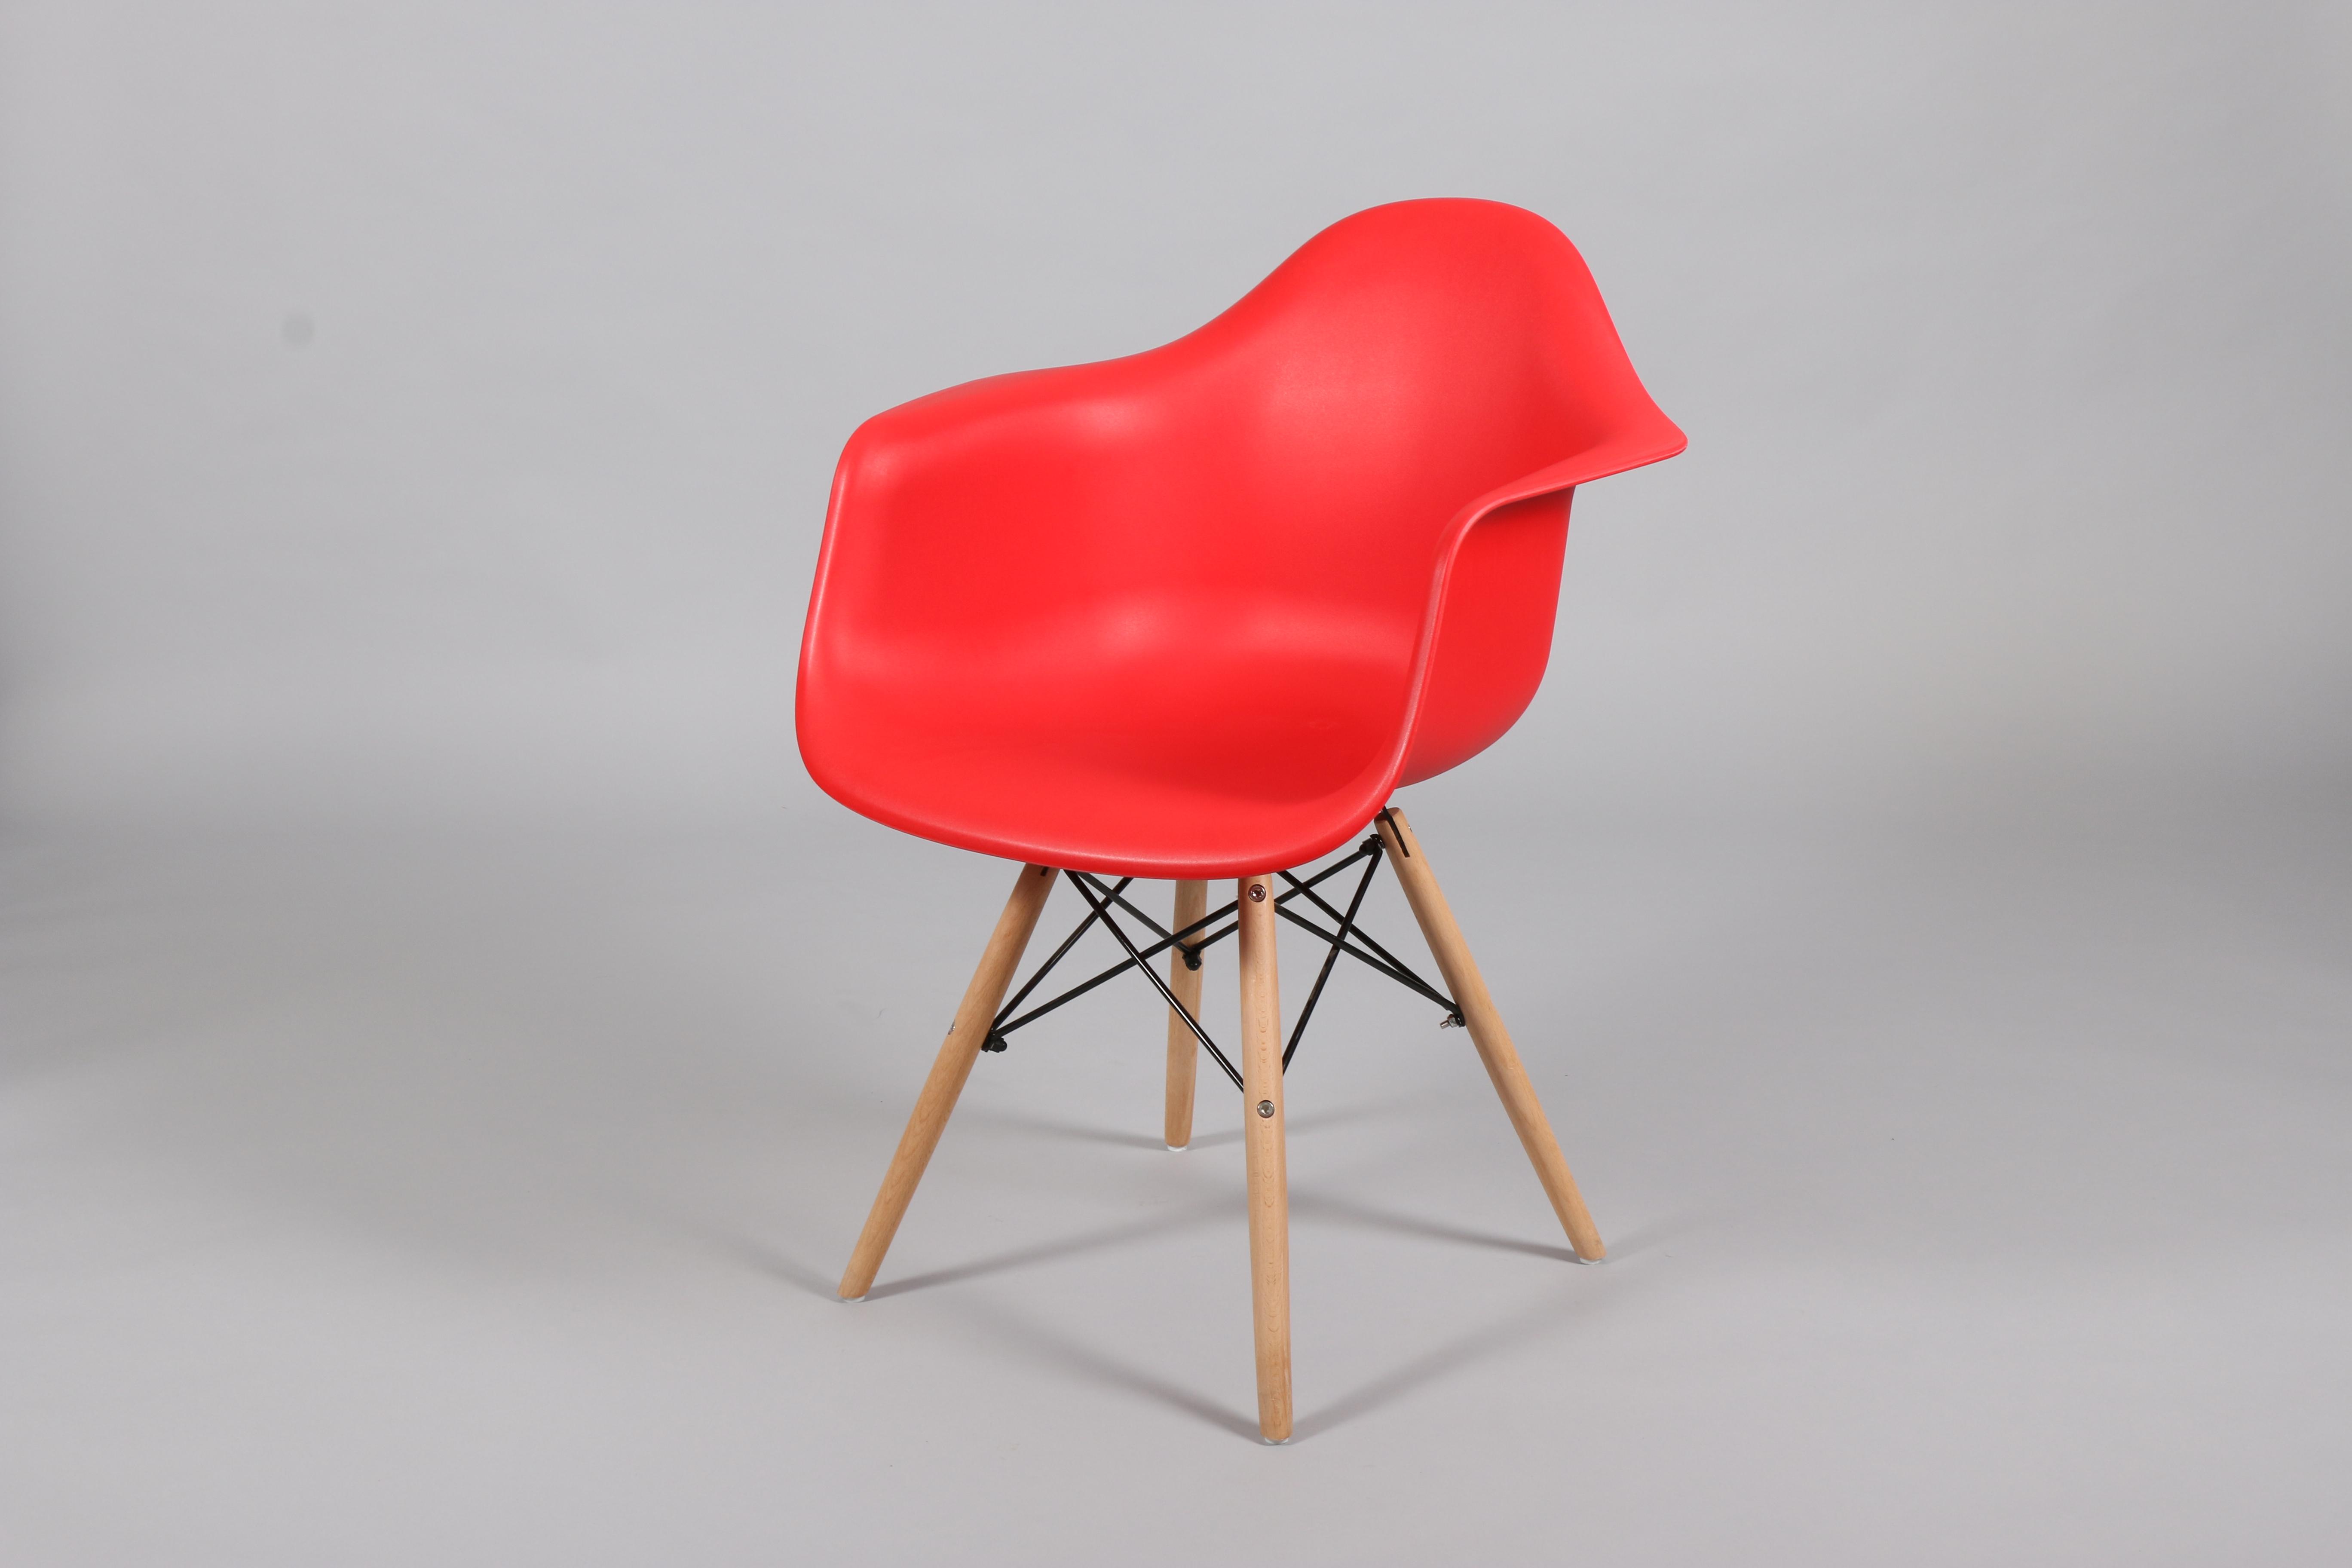 червен стол с пластмасова седалка и дървени крака